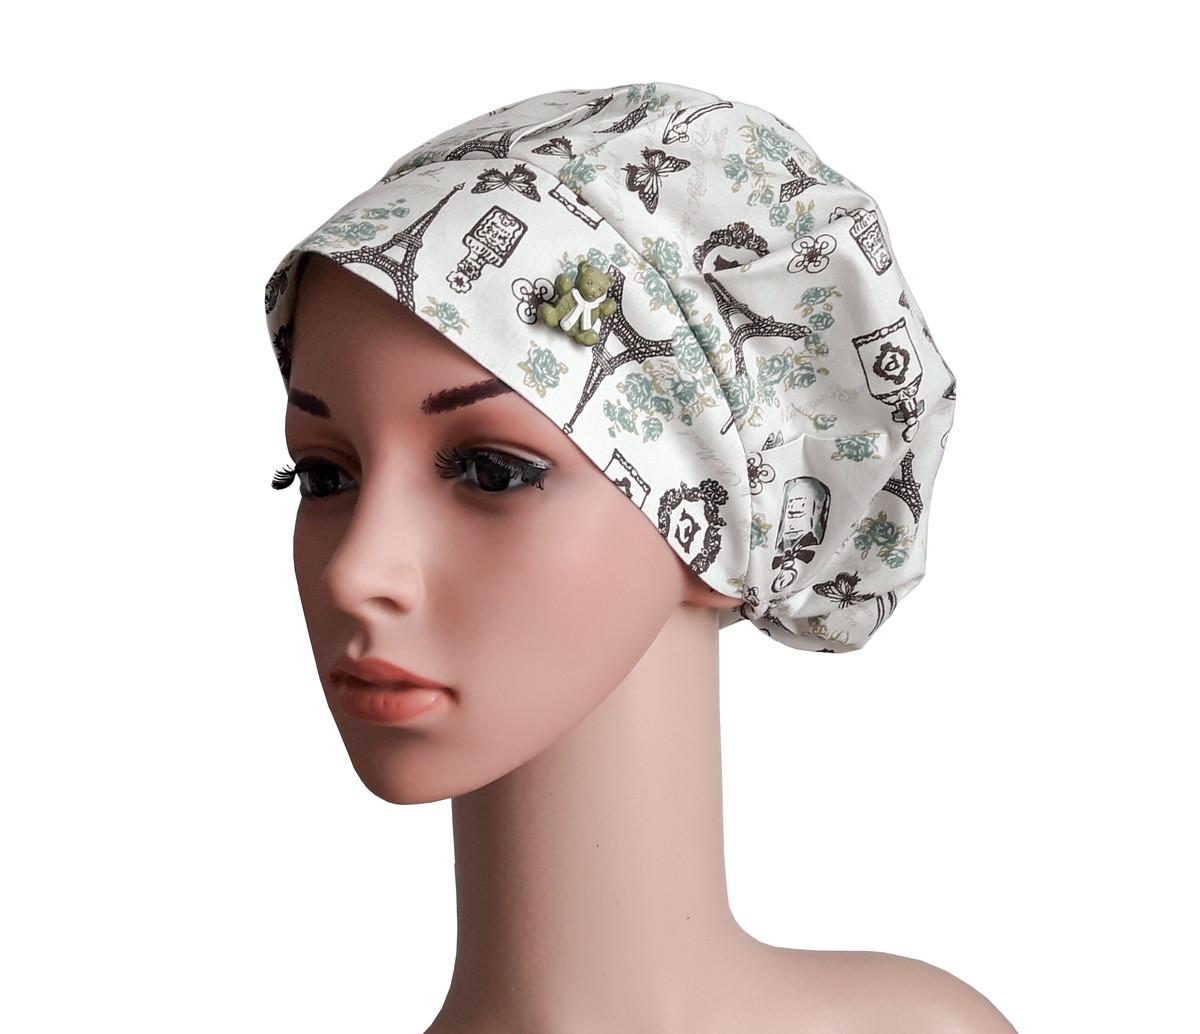 ec1bb44b4340e Zoom · Touca Feminina touca-feminina-personalizada